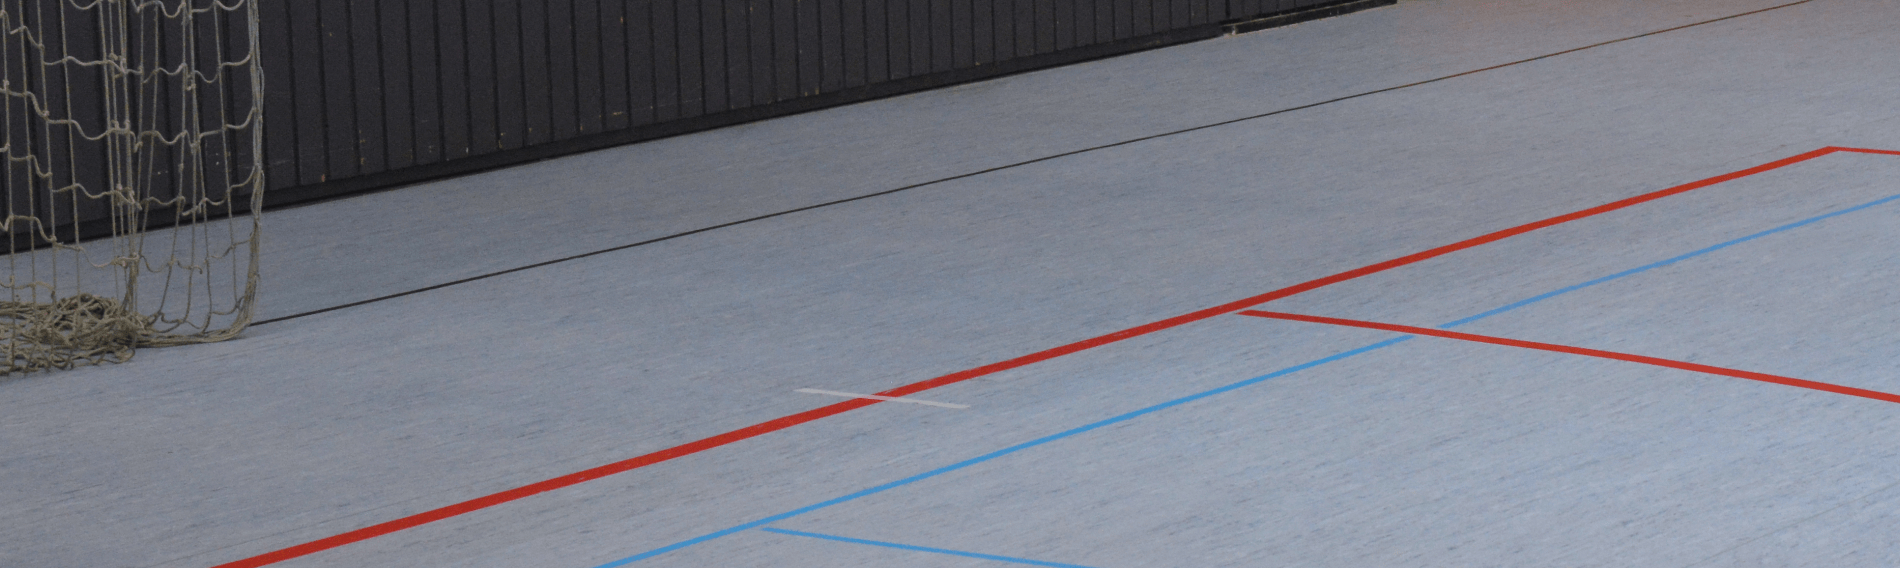 Harzflecken in Sporthallen